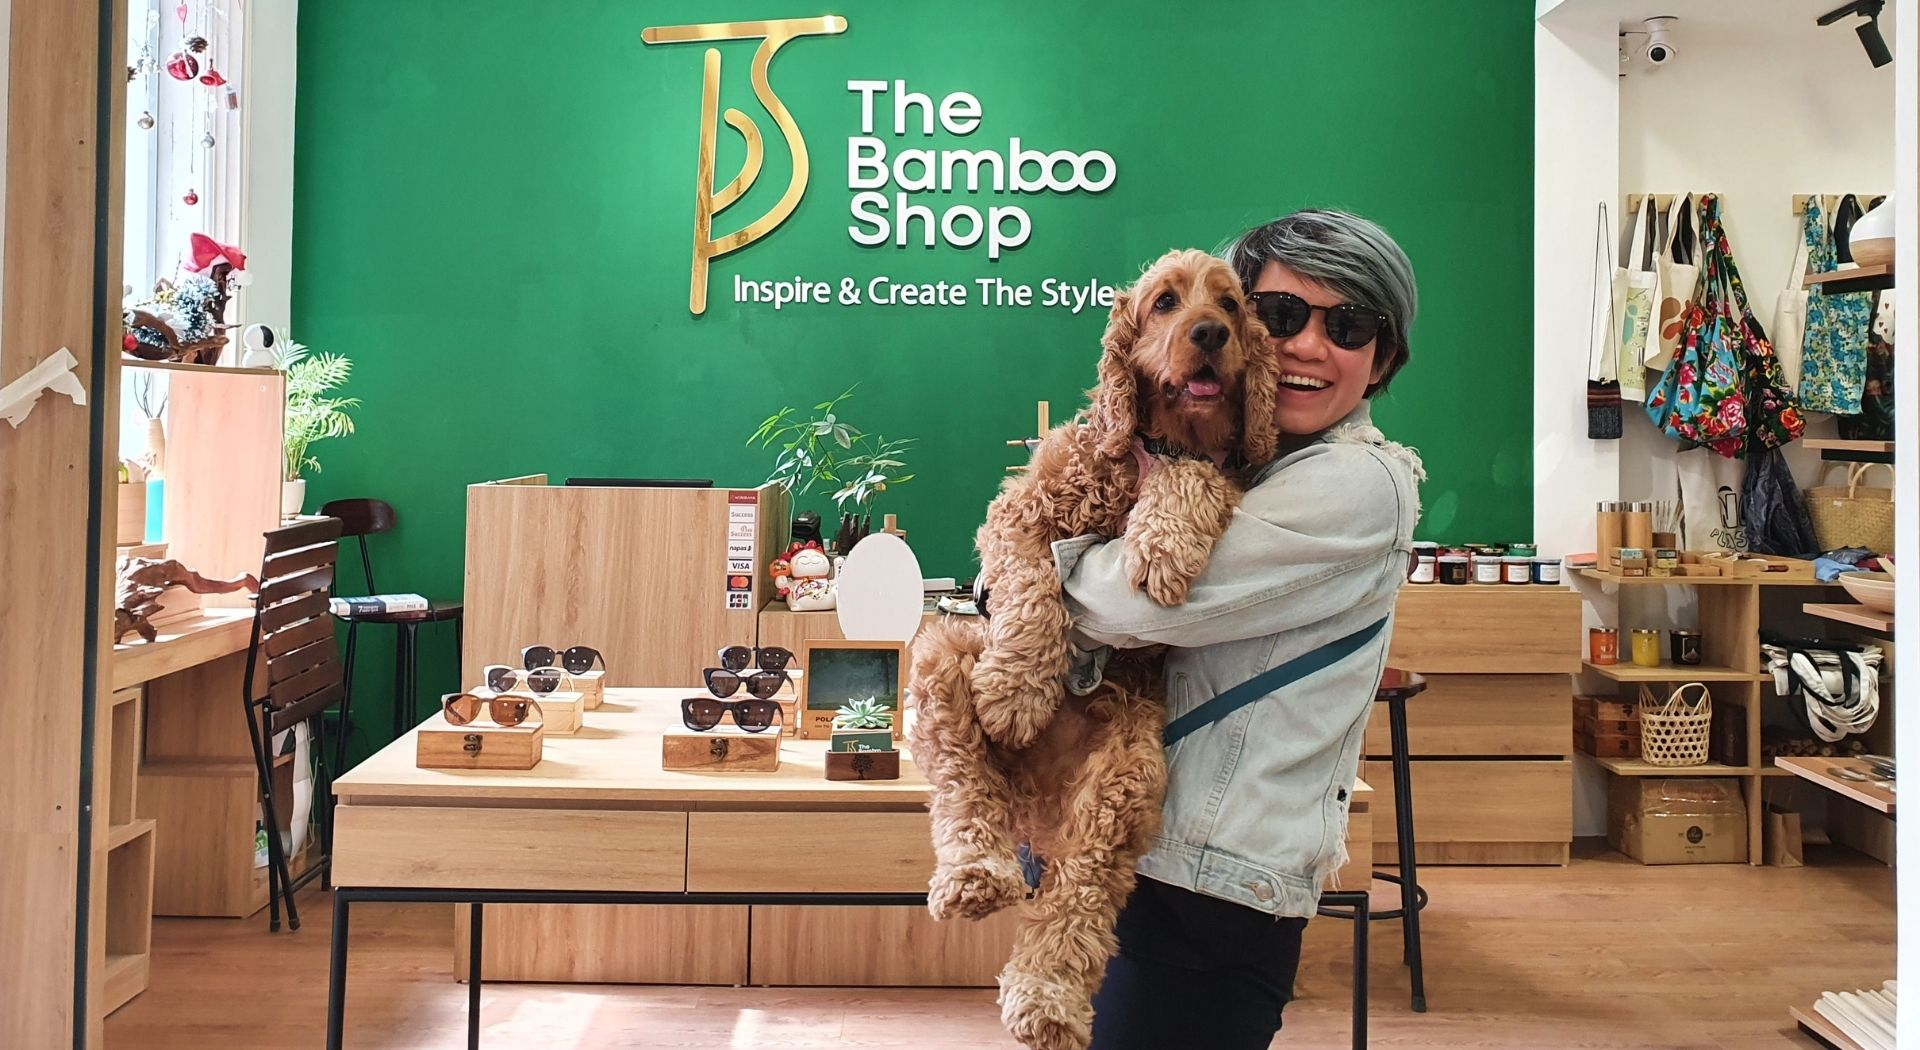 Tận hưởng không khí mua sắm tuyệt vời tại The Bamboo Shop